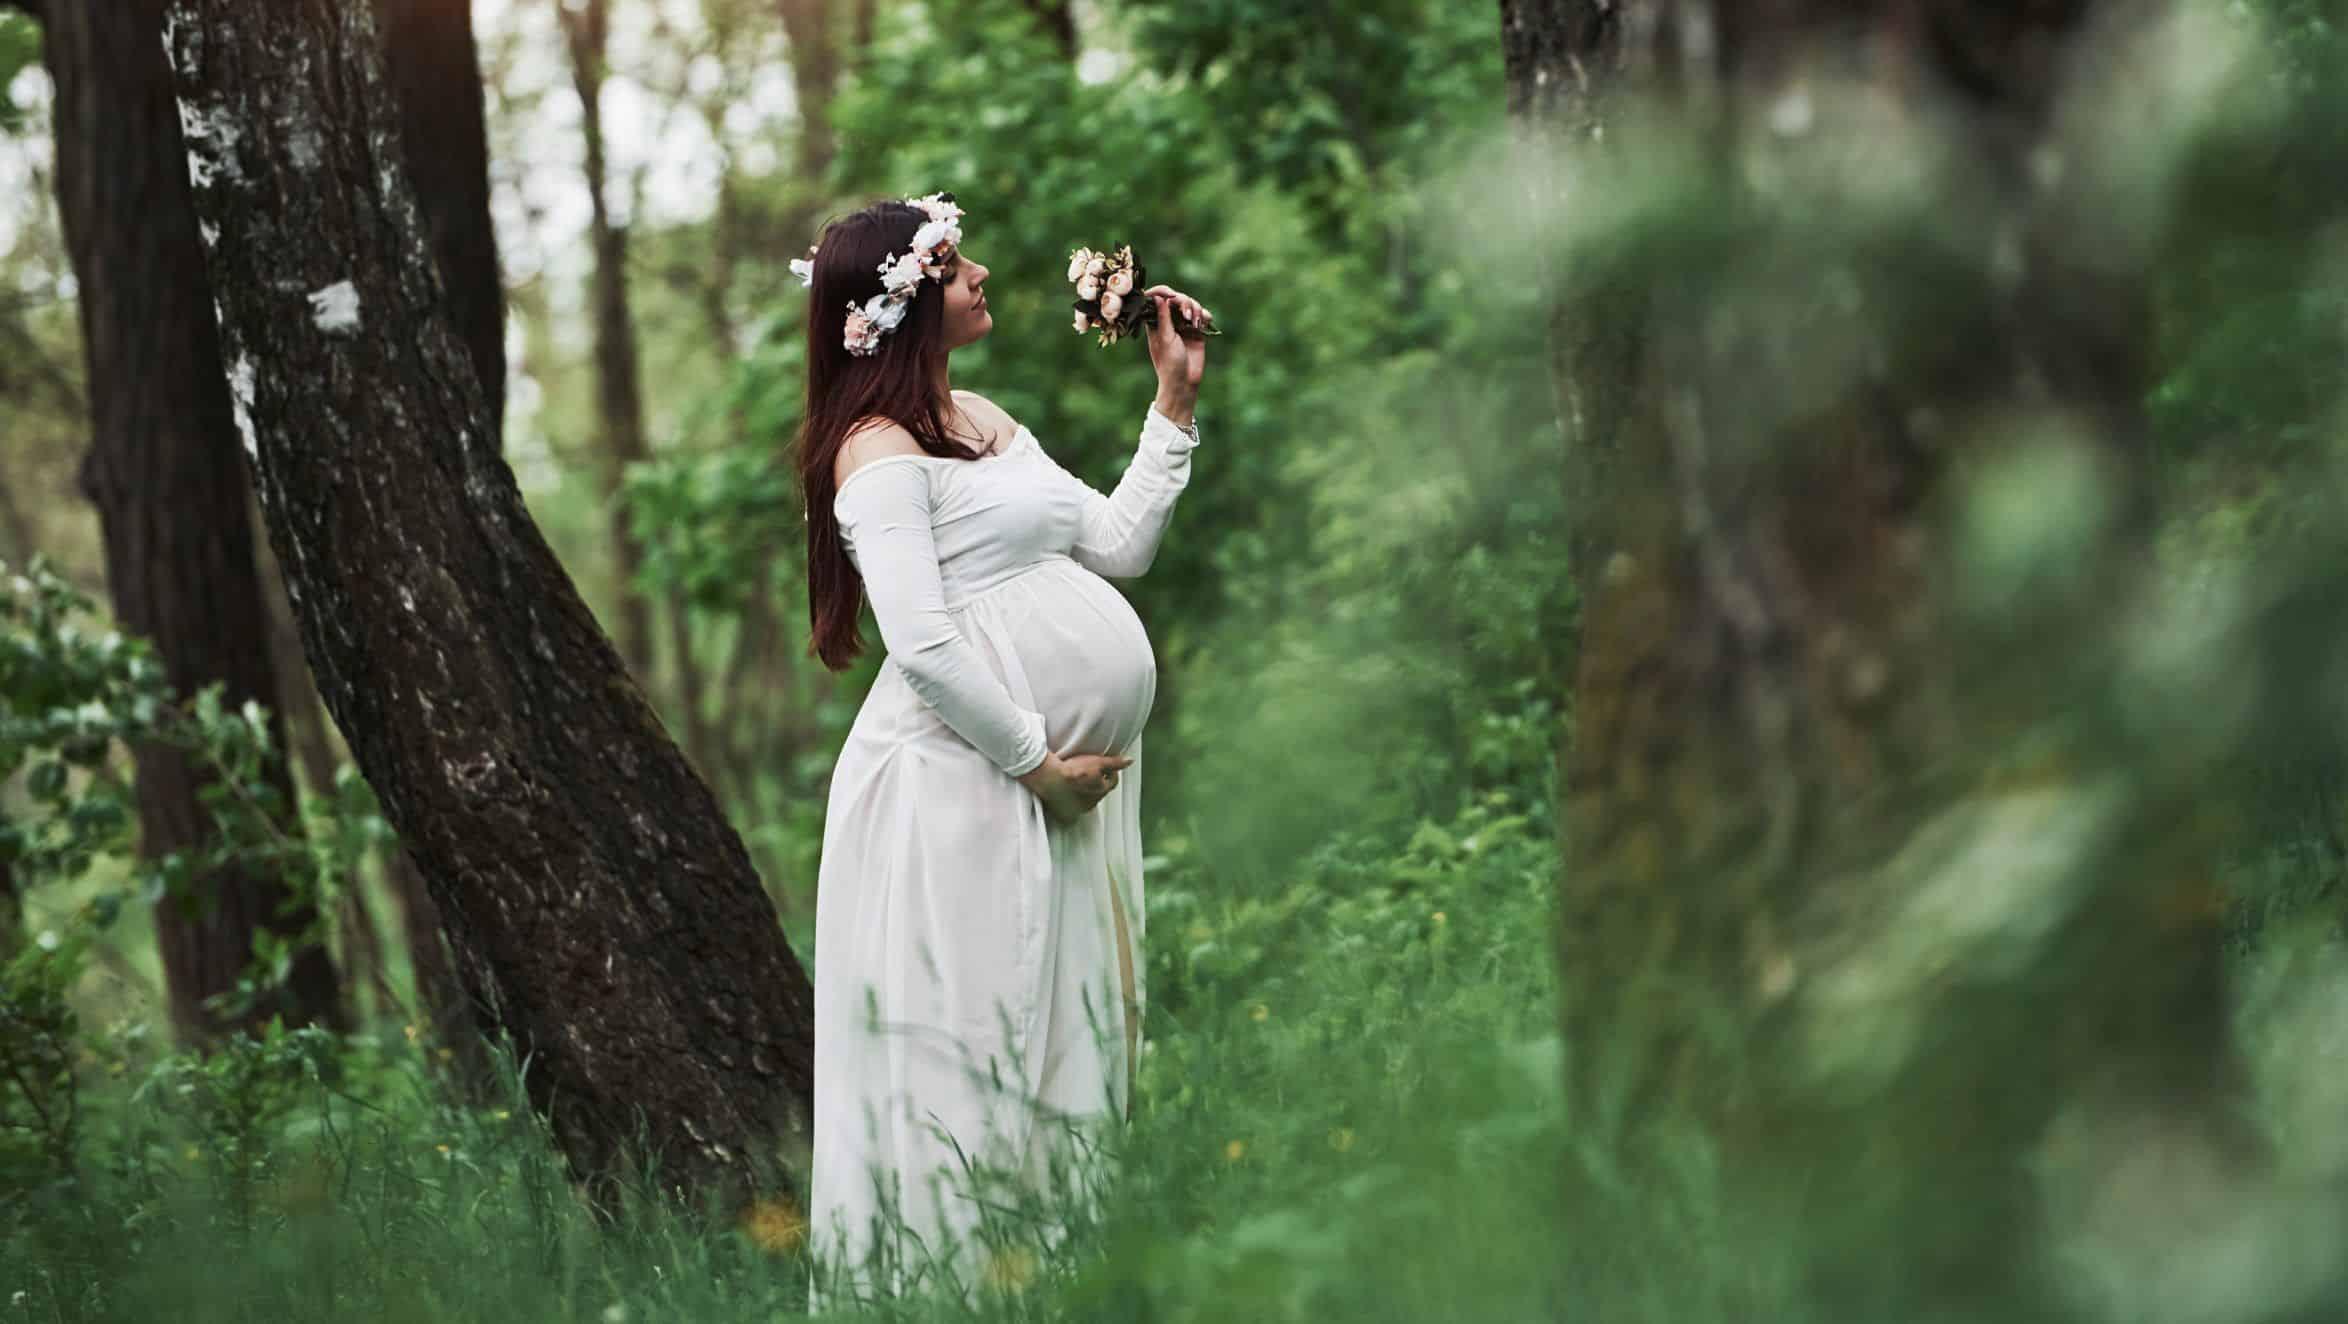 Jsem matka, ale i žena: sexualita v těhotenství a během mateřství